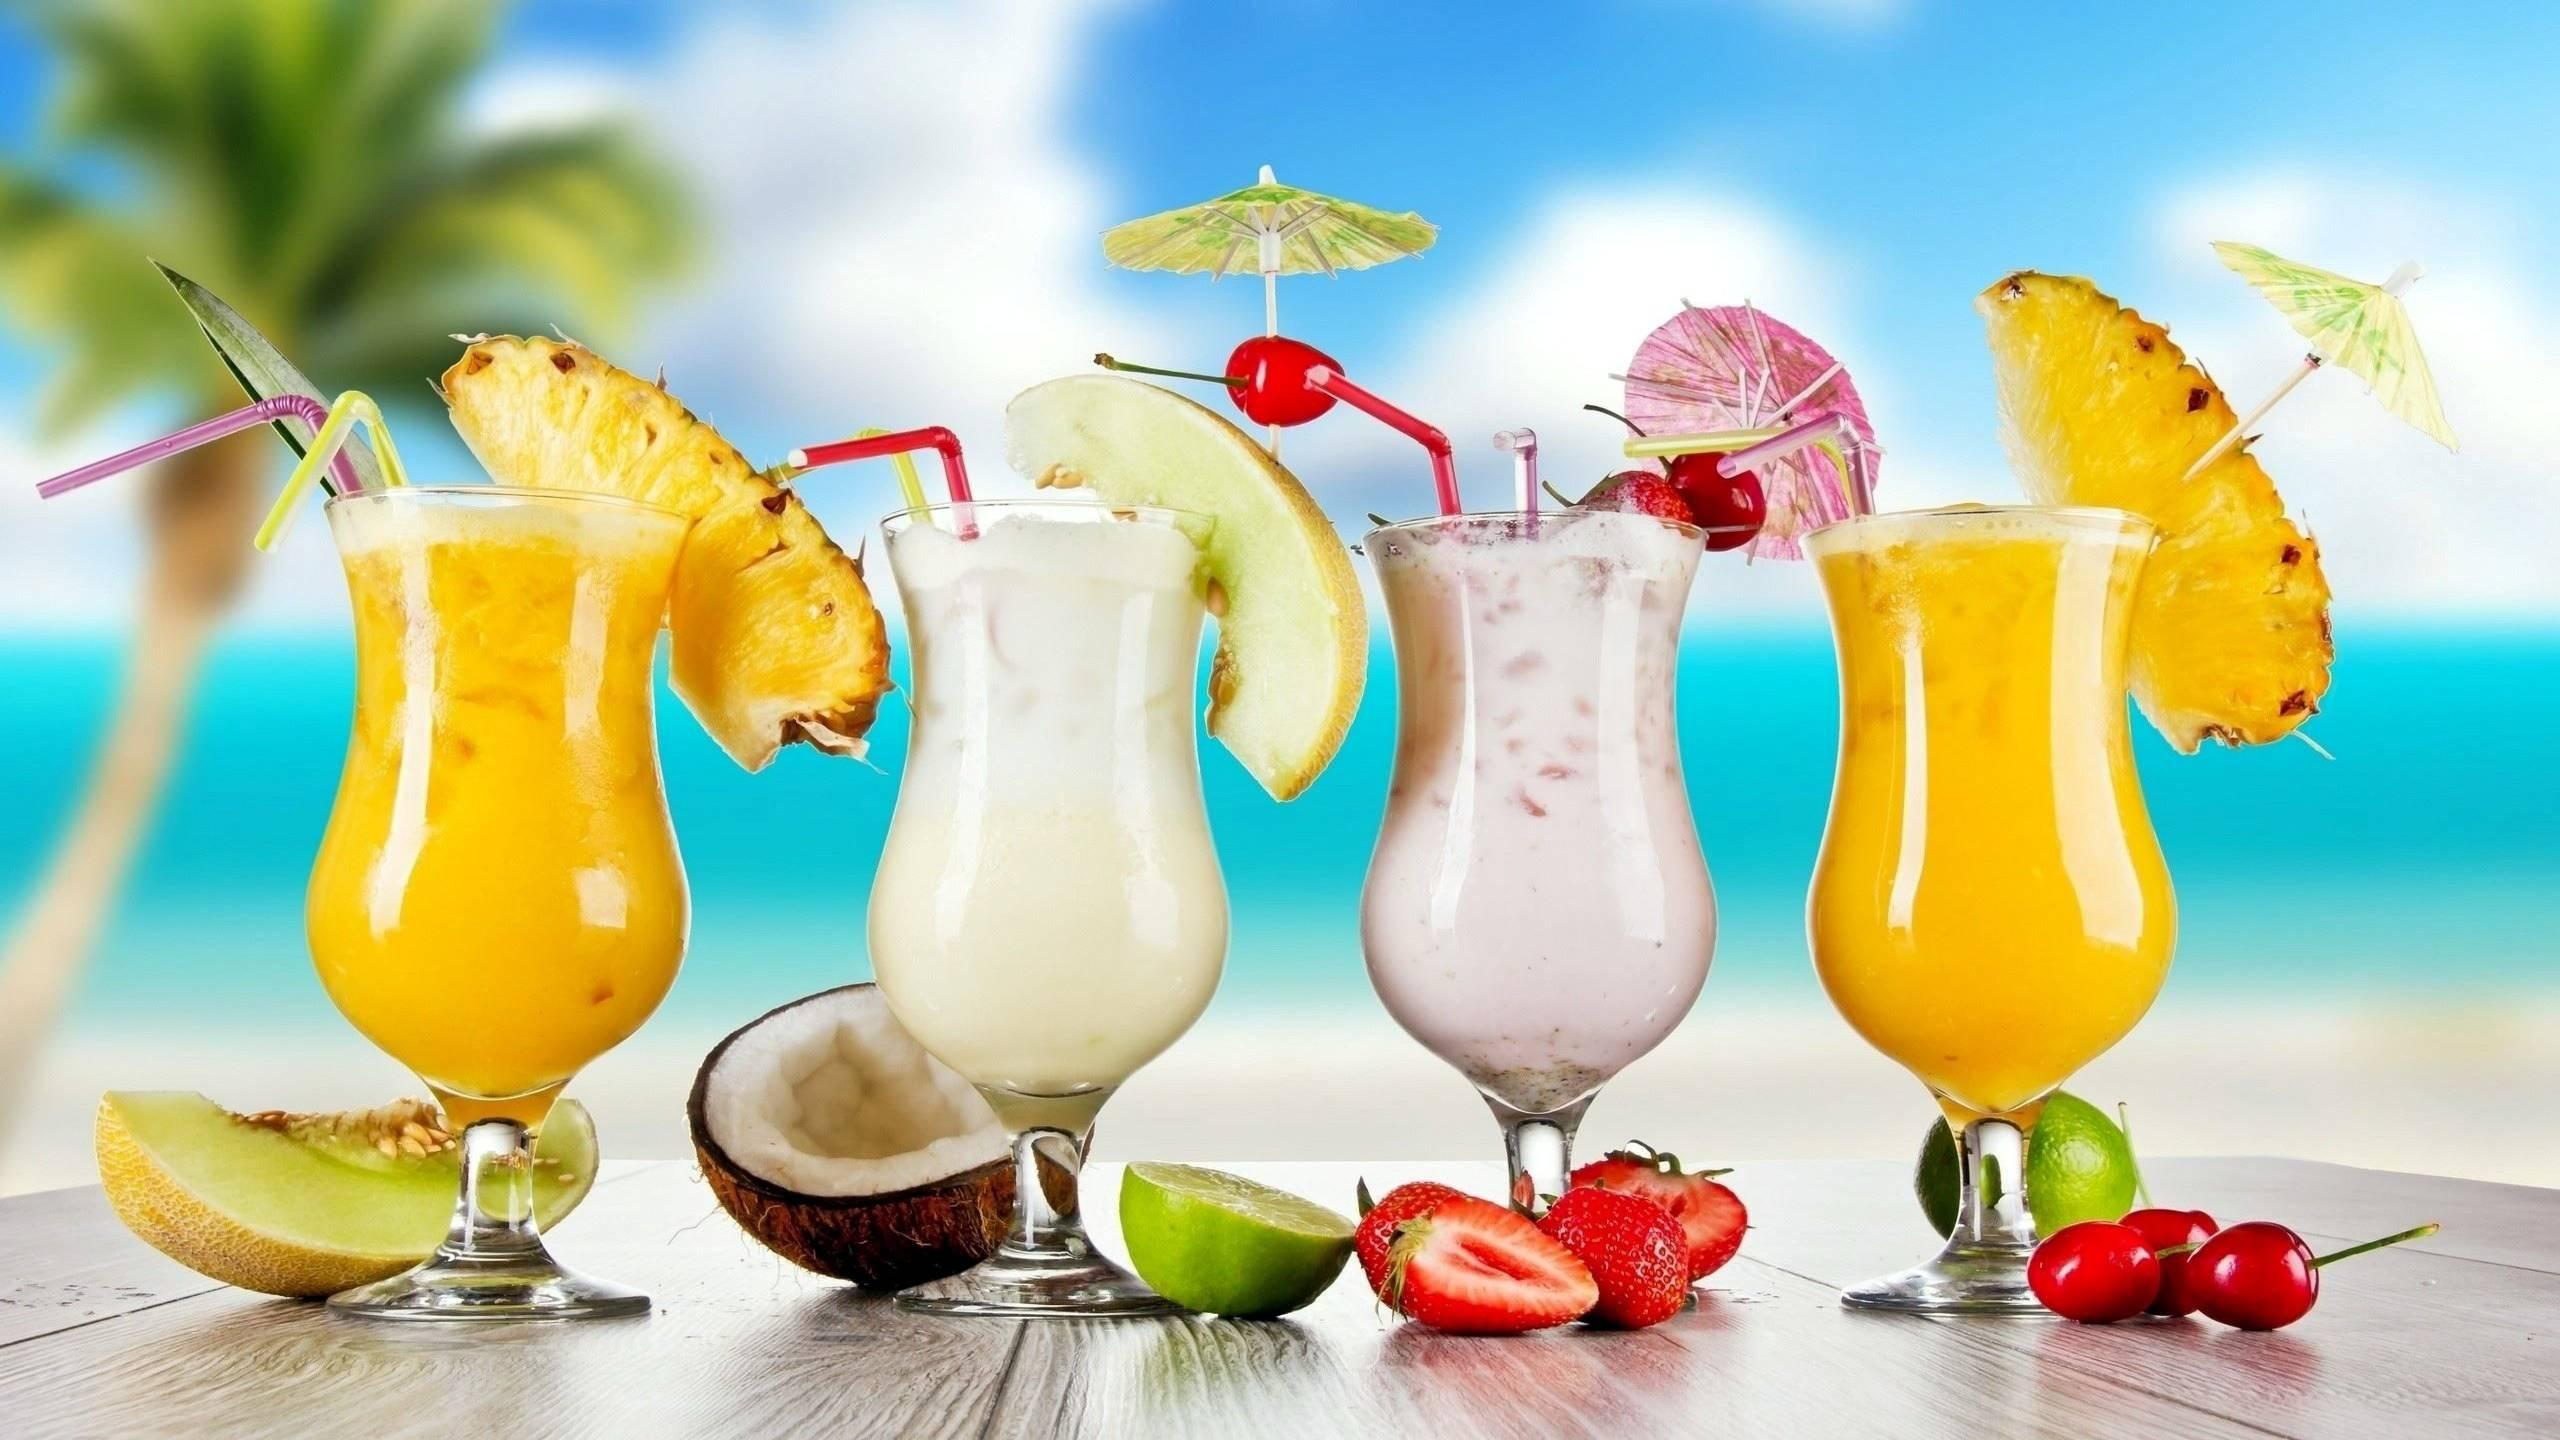 Nước ép hoa quả là nguồn cung cấp vitamin dồi dào